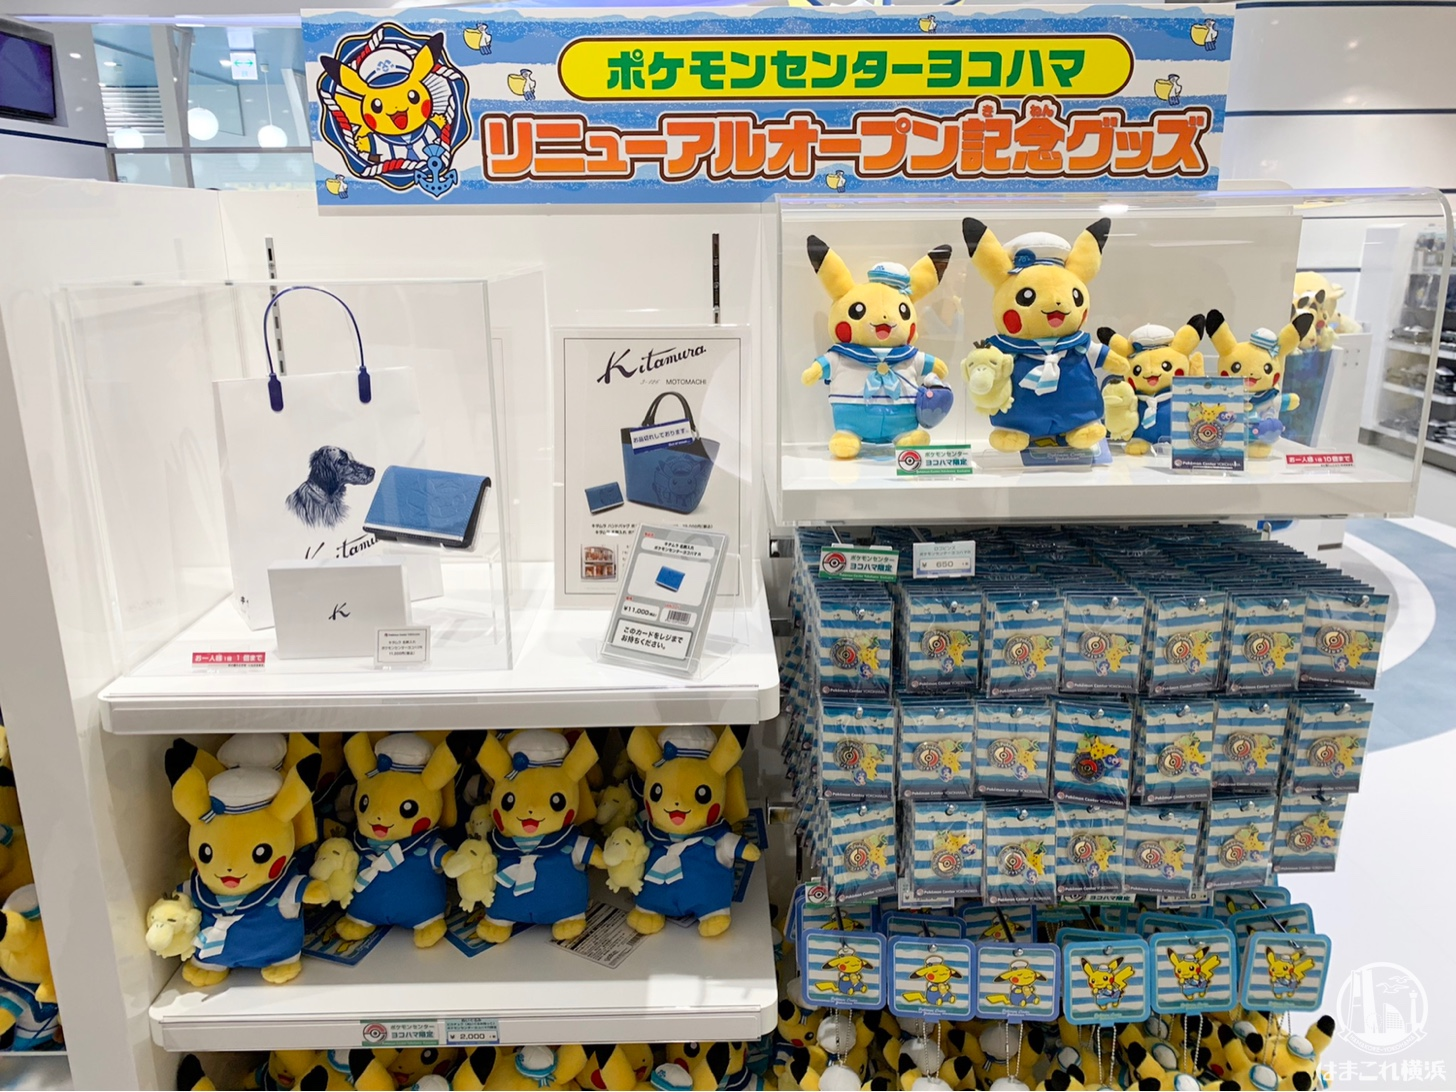 ポケモンセンター ヨコハマ リニューアルオープン記念グッズ